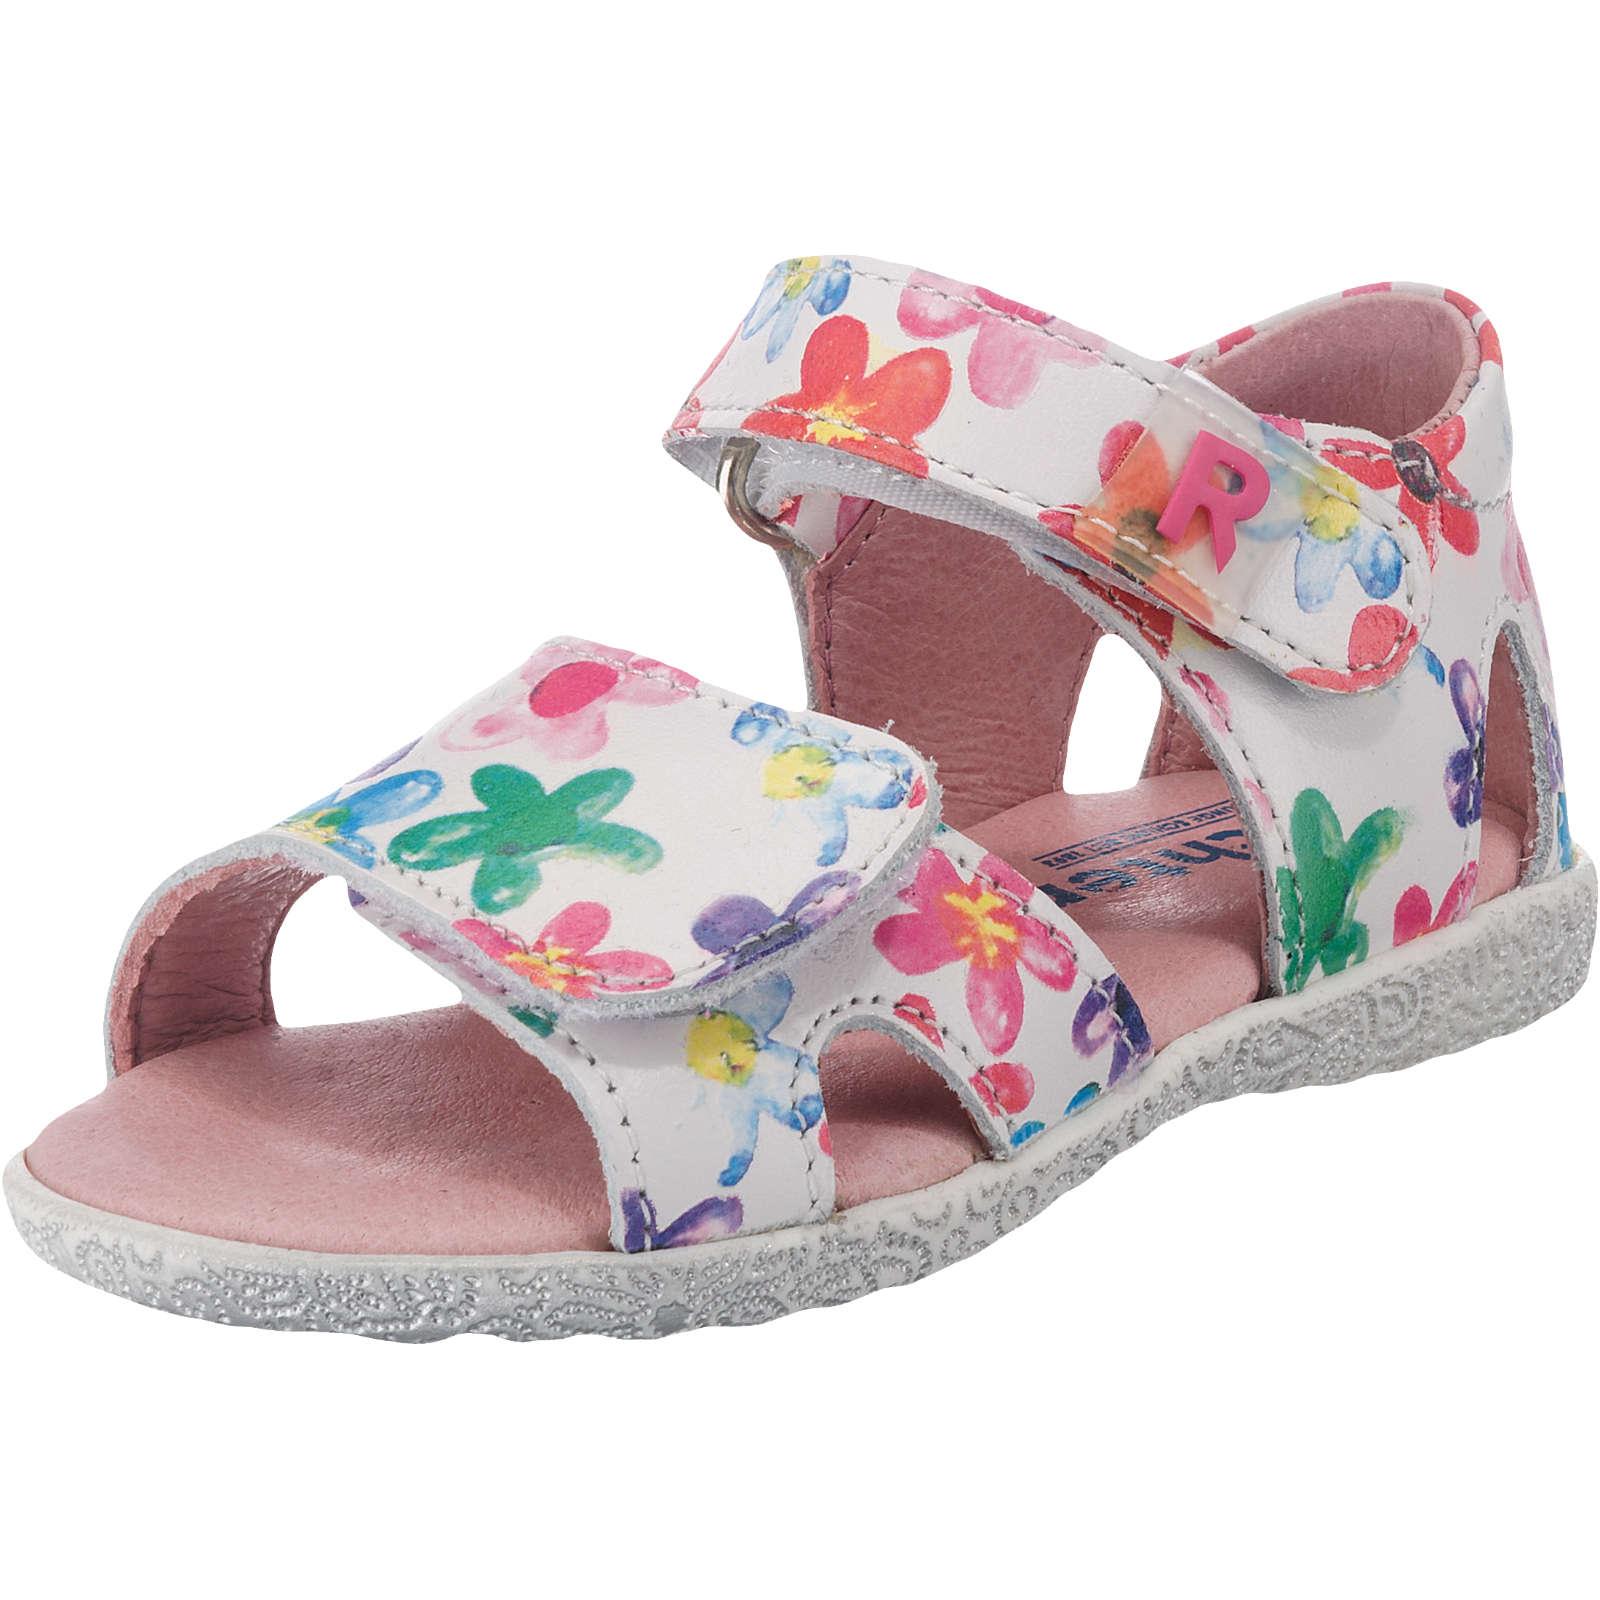 RICHTER Baby Sandalen für Mädchen weiß Mädchen Gr. 23